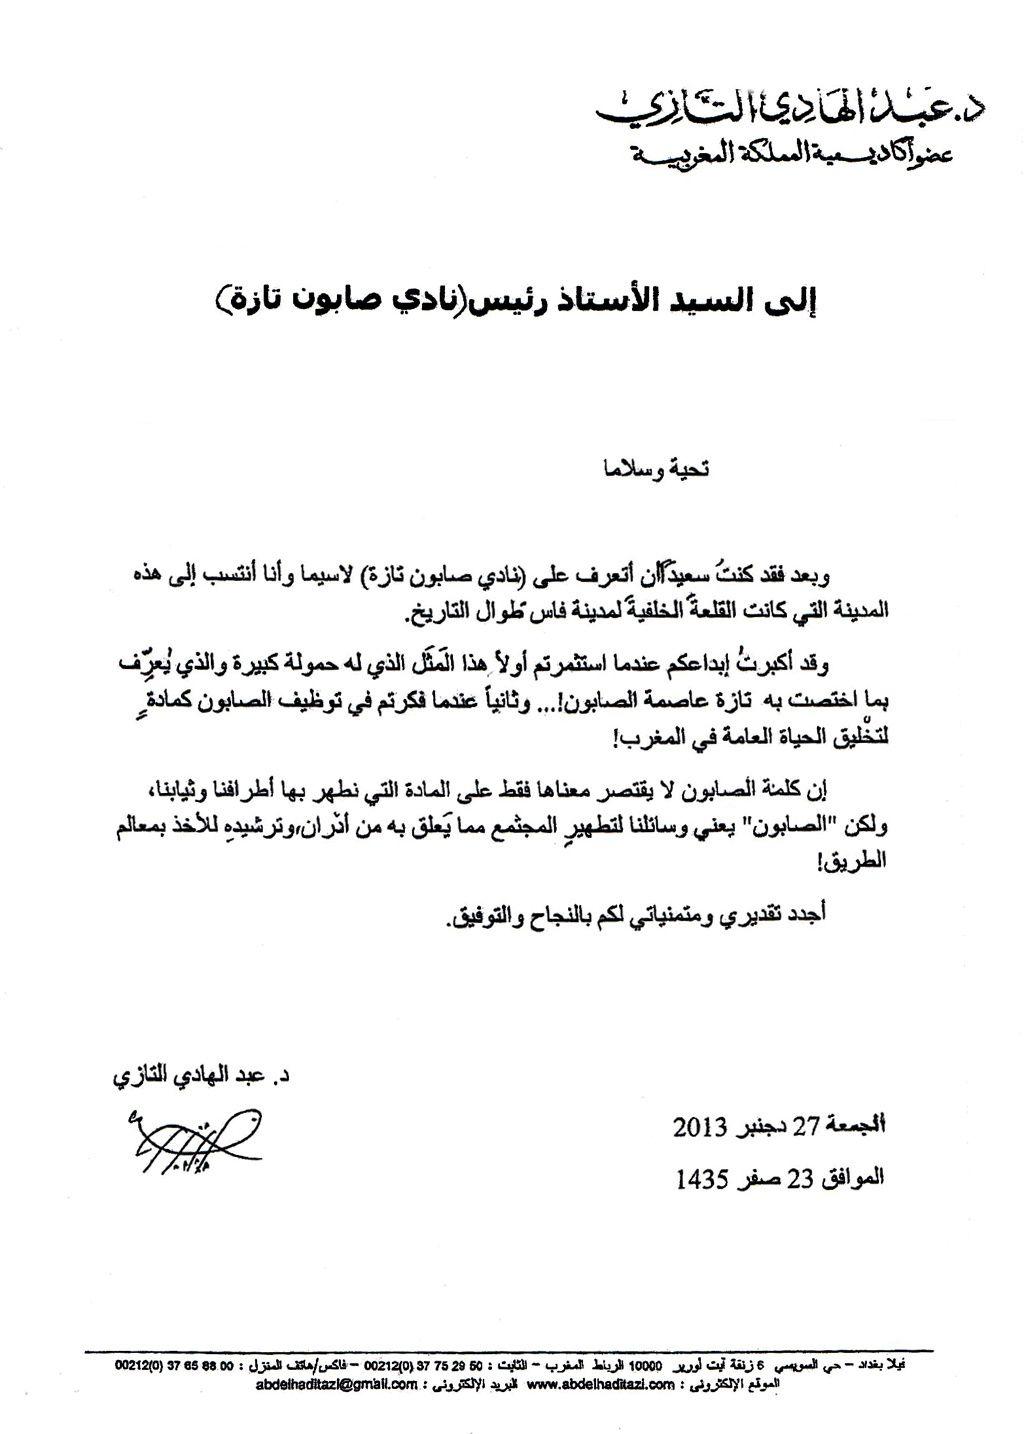 د. عبد الهادي التازي ضيفنا المتميز